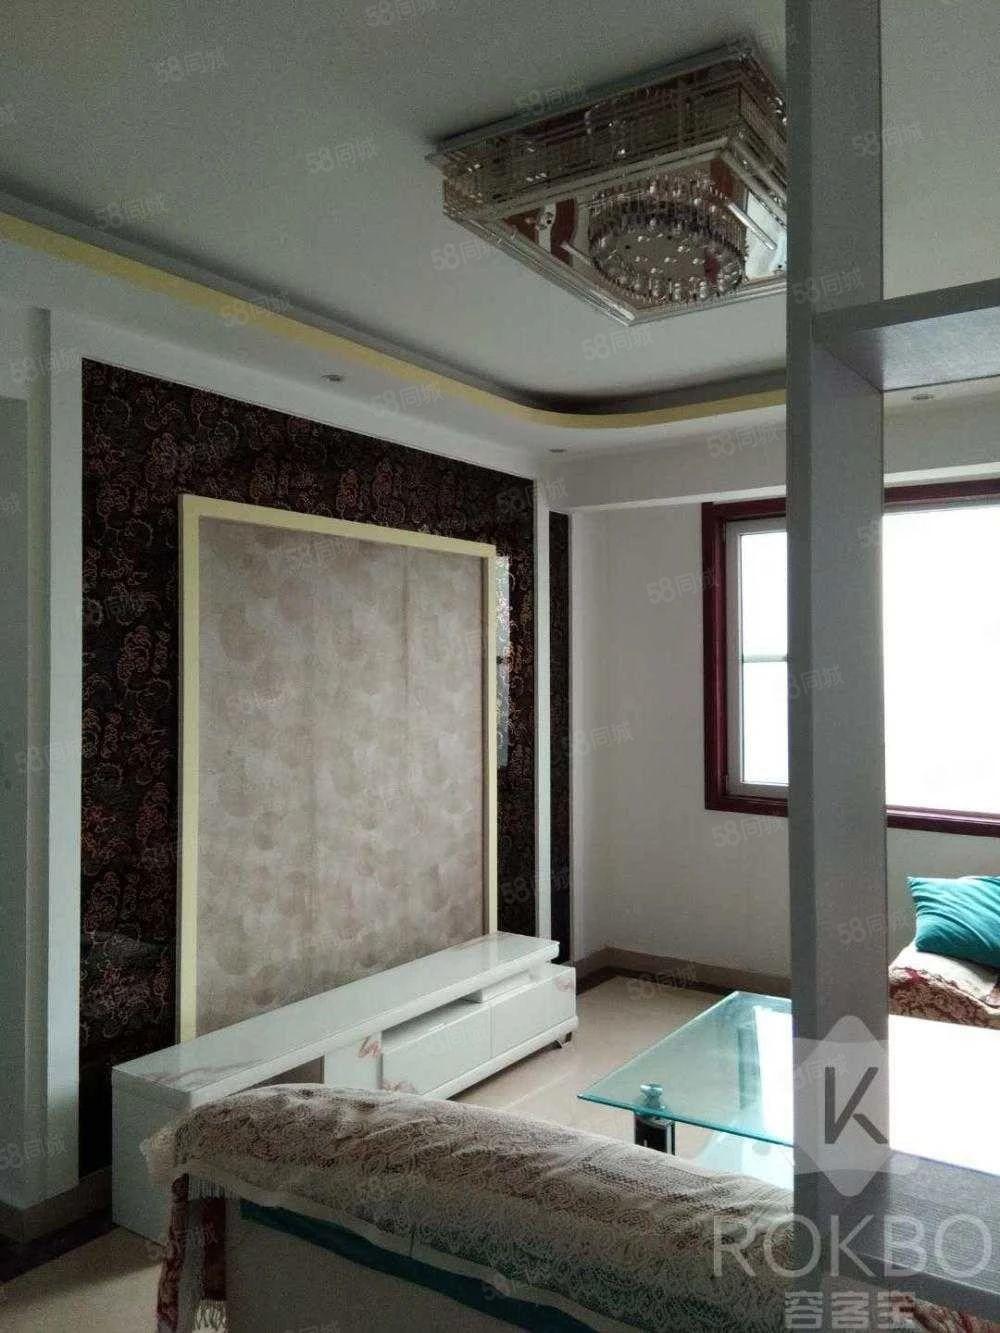 老证可贷款天华领秀城三室二厅精装修128平55万